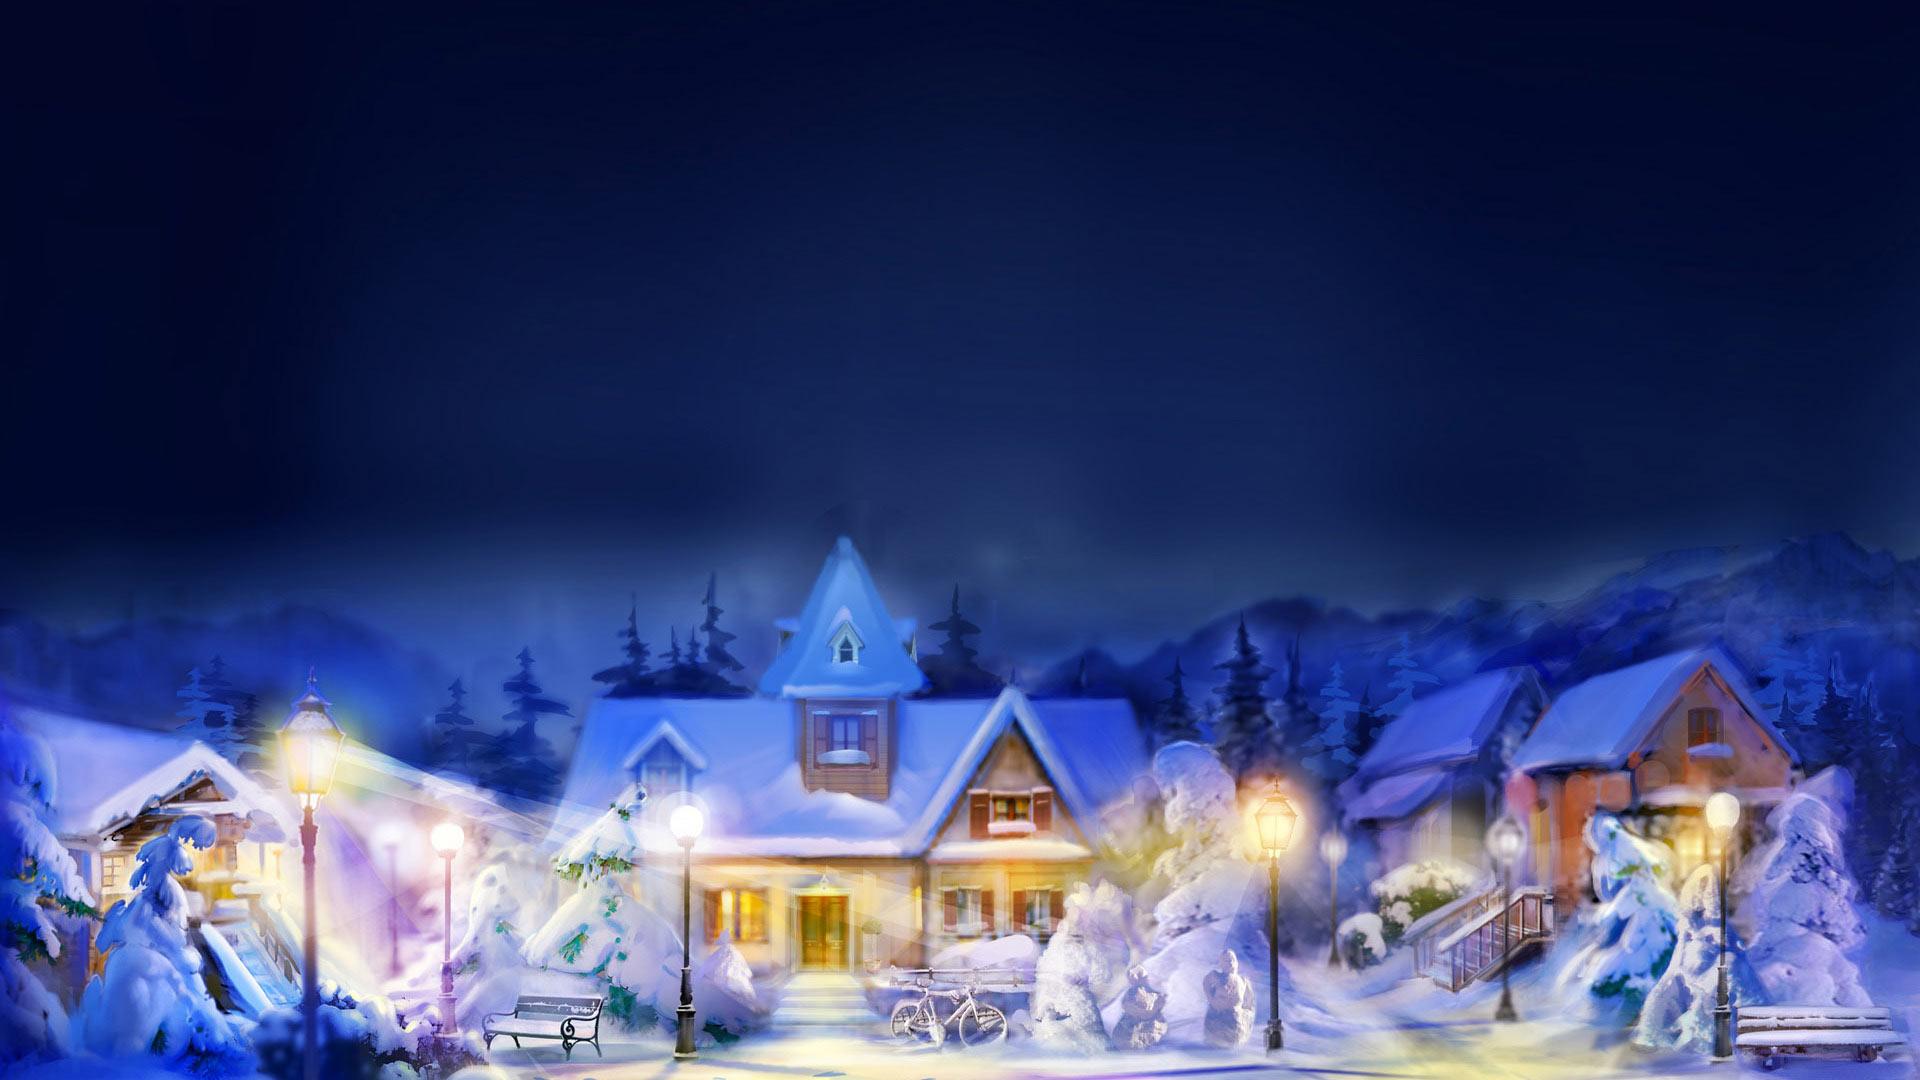 Foto Paesaggi Di Natale.Sfondi Natale Sfondo Natale Paesaggio